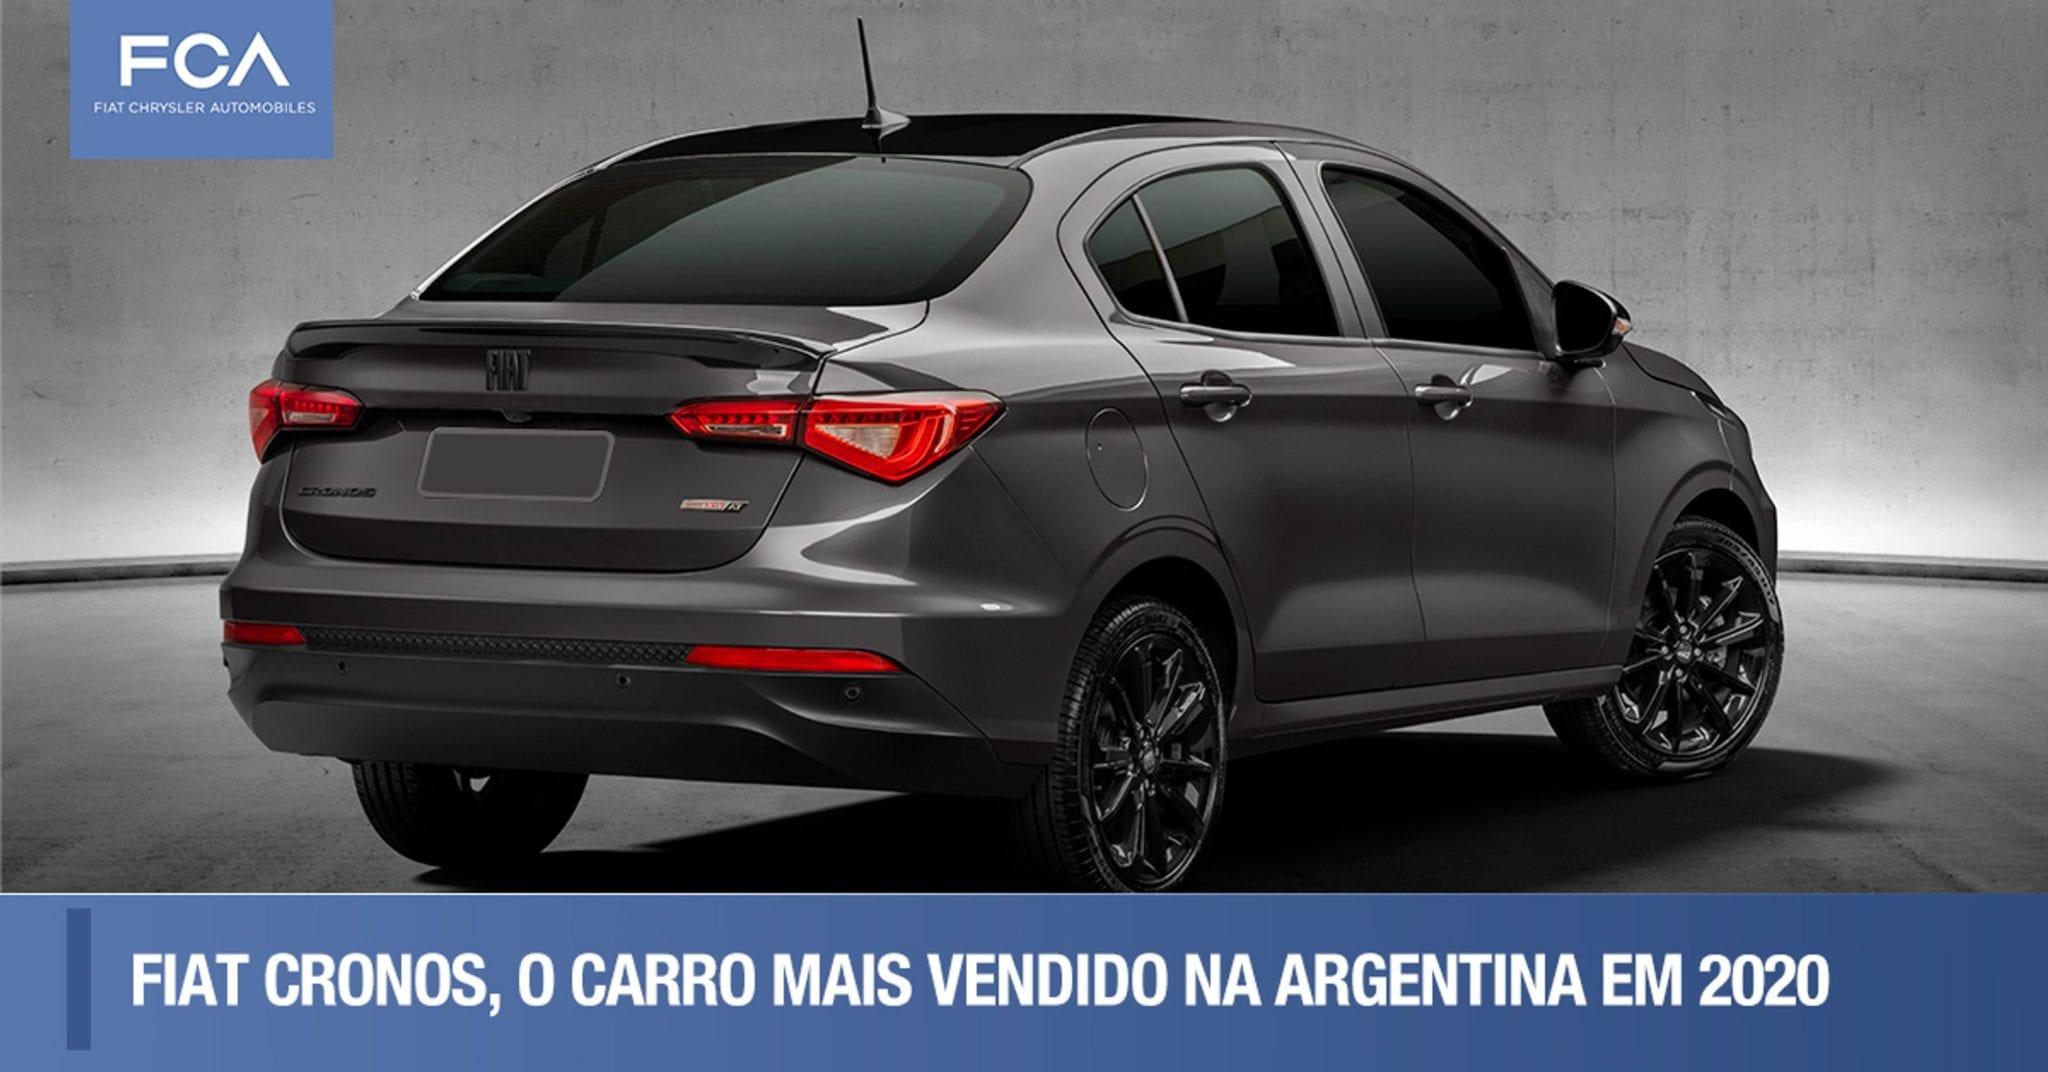 FCA lidera mercado brasileiro e latino-americano de automóveis e comerciais leves em 2020